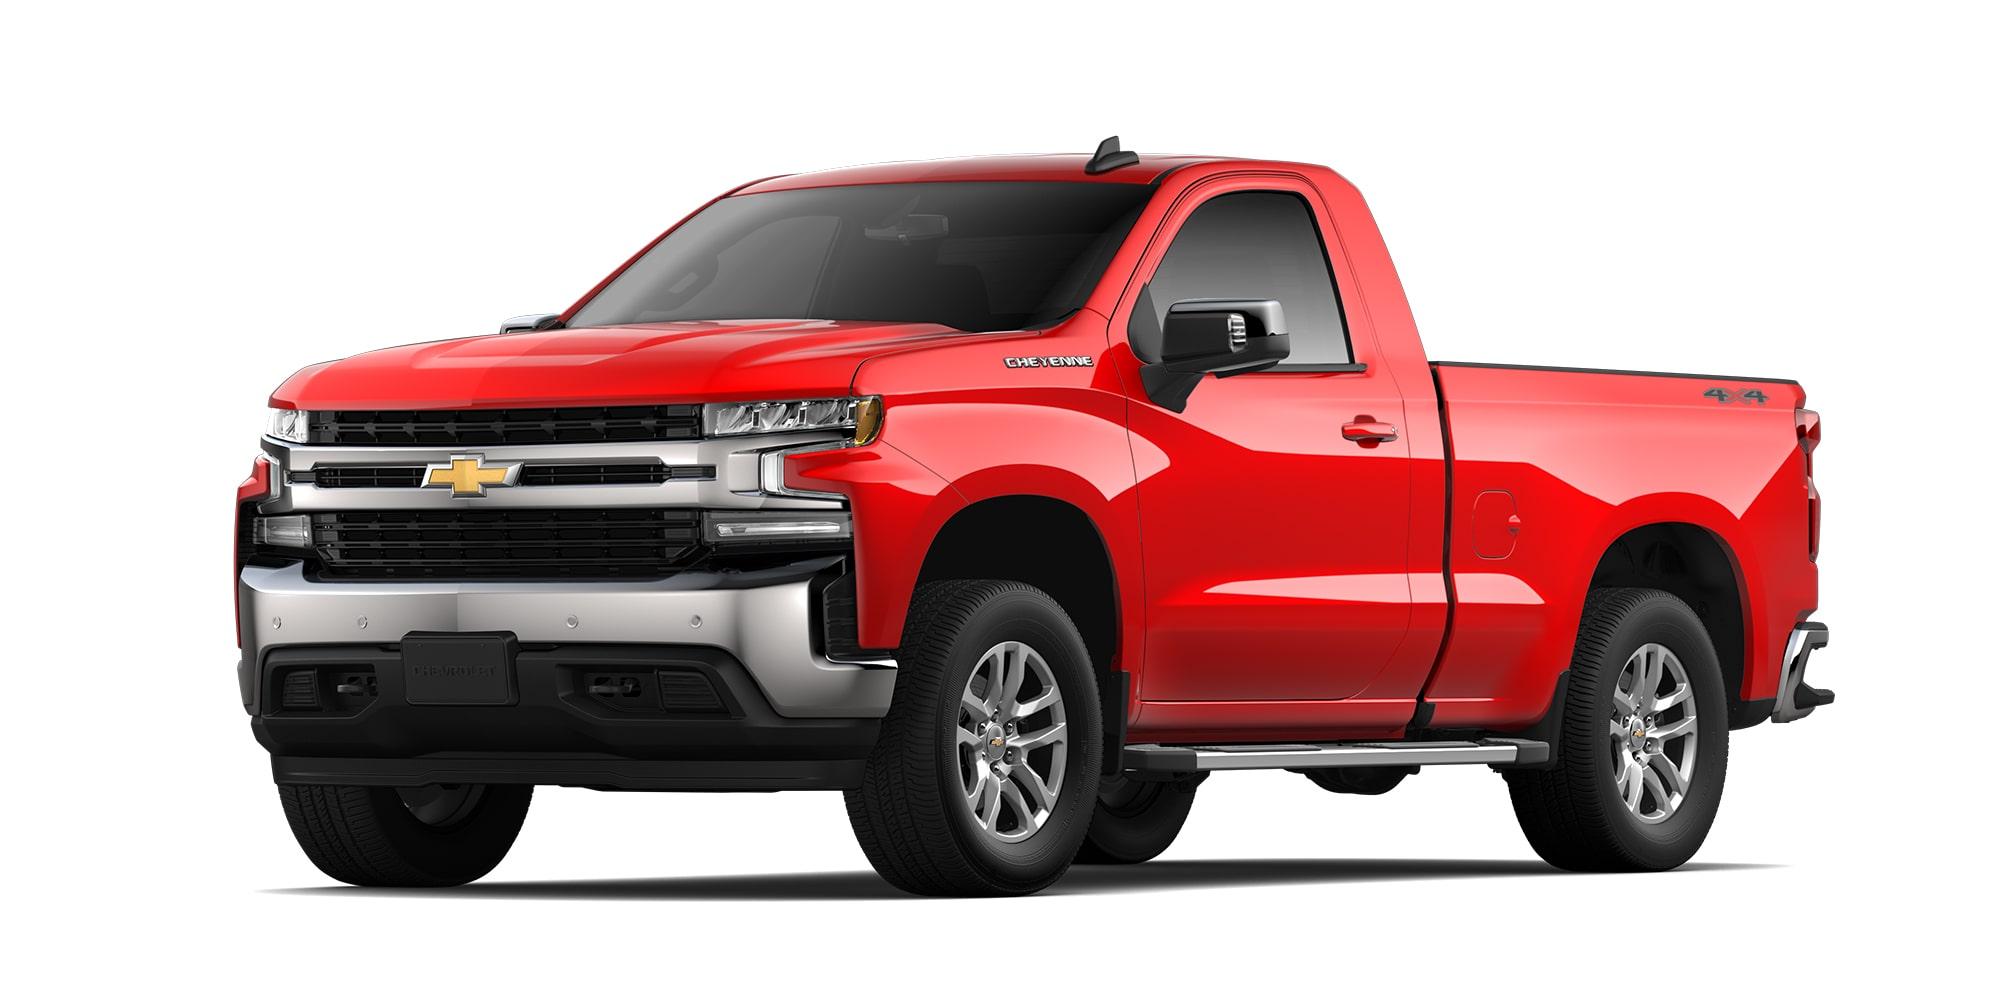 Chevrolet Cheyenne 2021, camioneta doble cabina versión LT con tracción 4x2 o 4x4